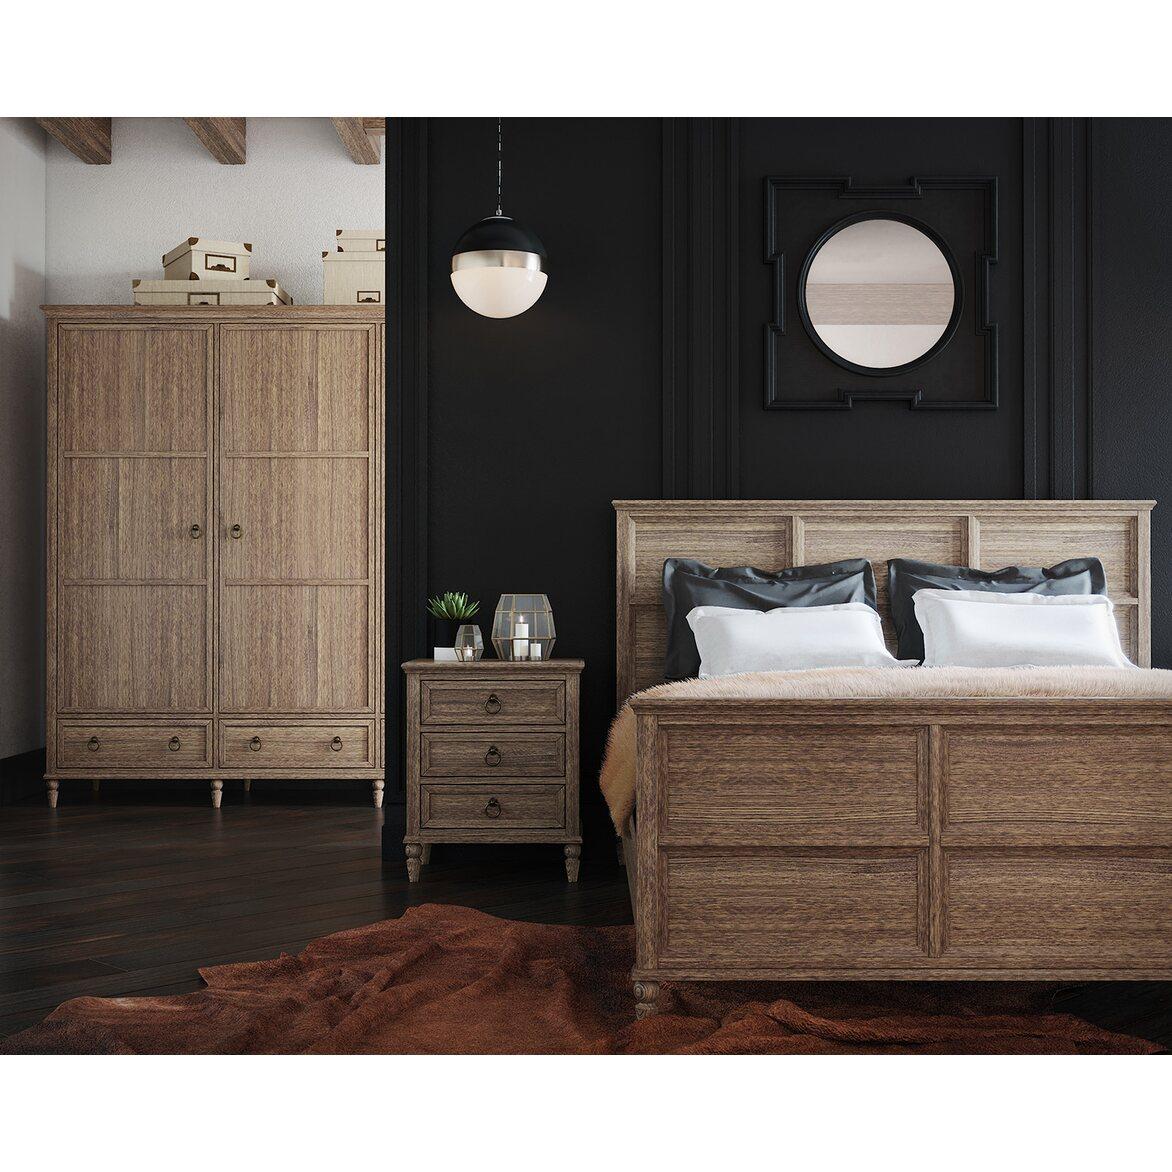 Кровать Vilton дуб, с изножьем 4 | Двуспальные кровати Kingsby